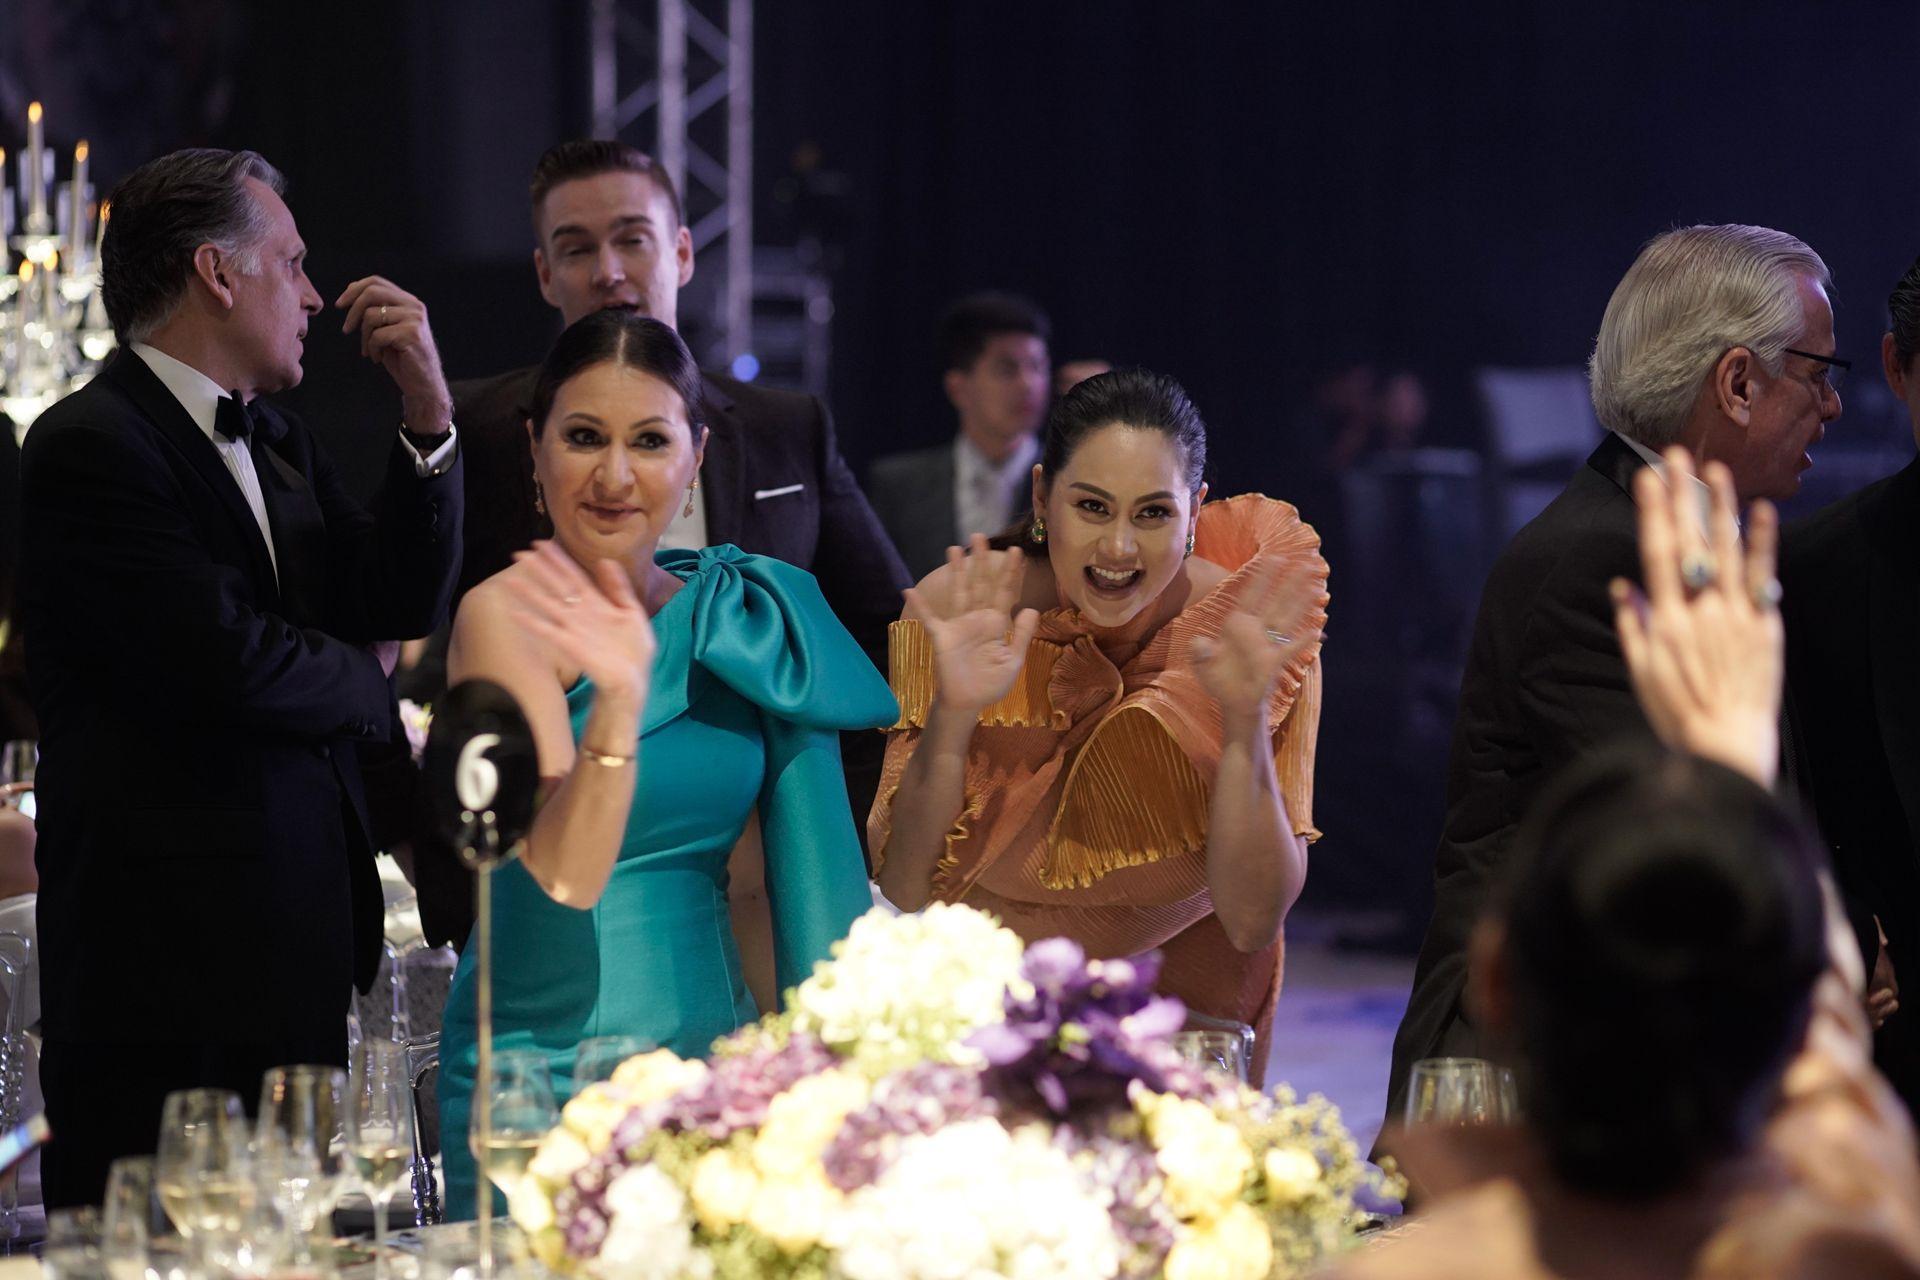 Marilu Batchelor and Cristalle Belo